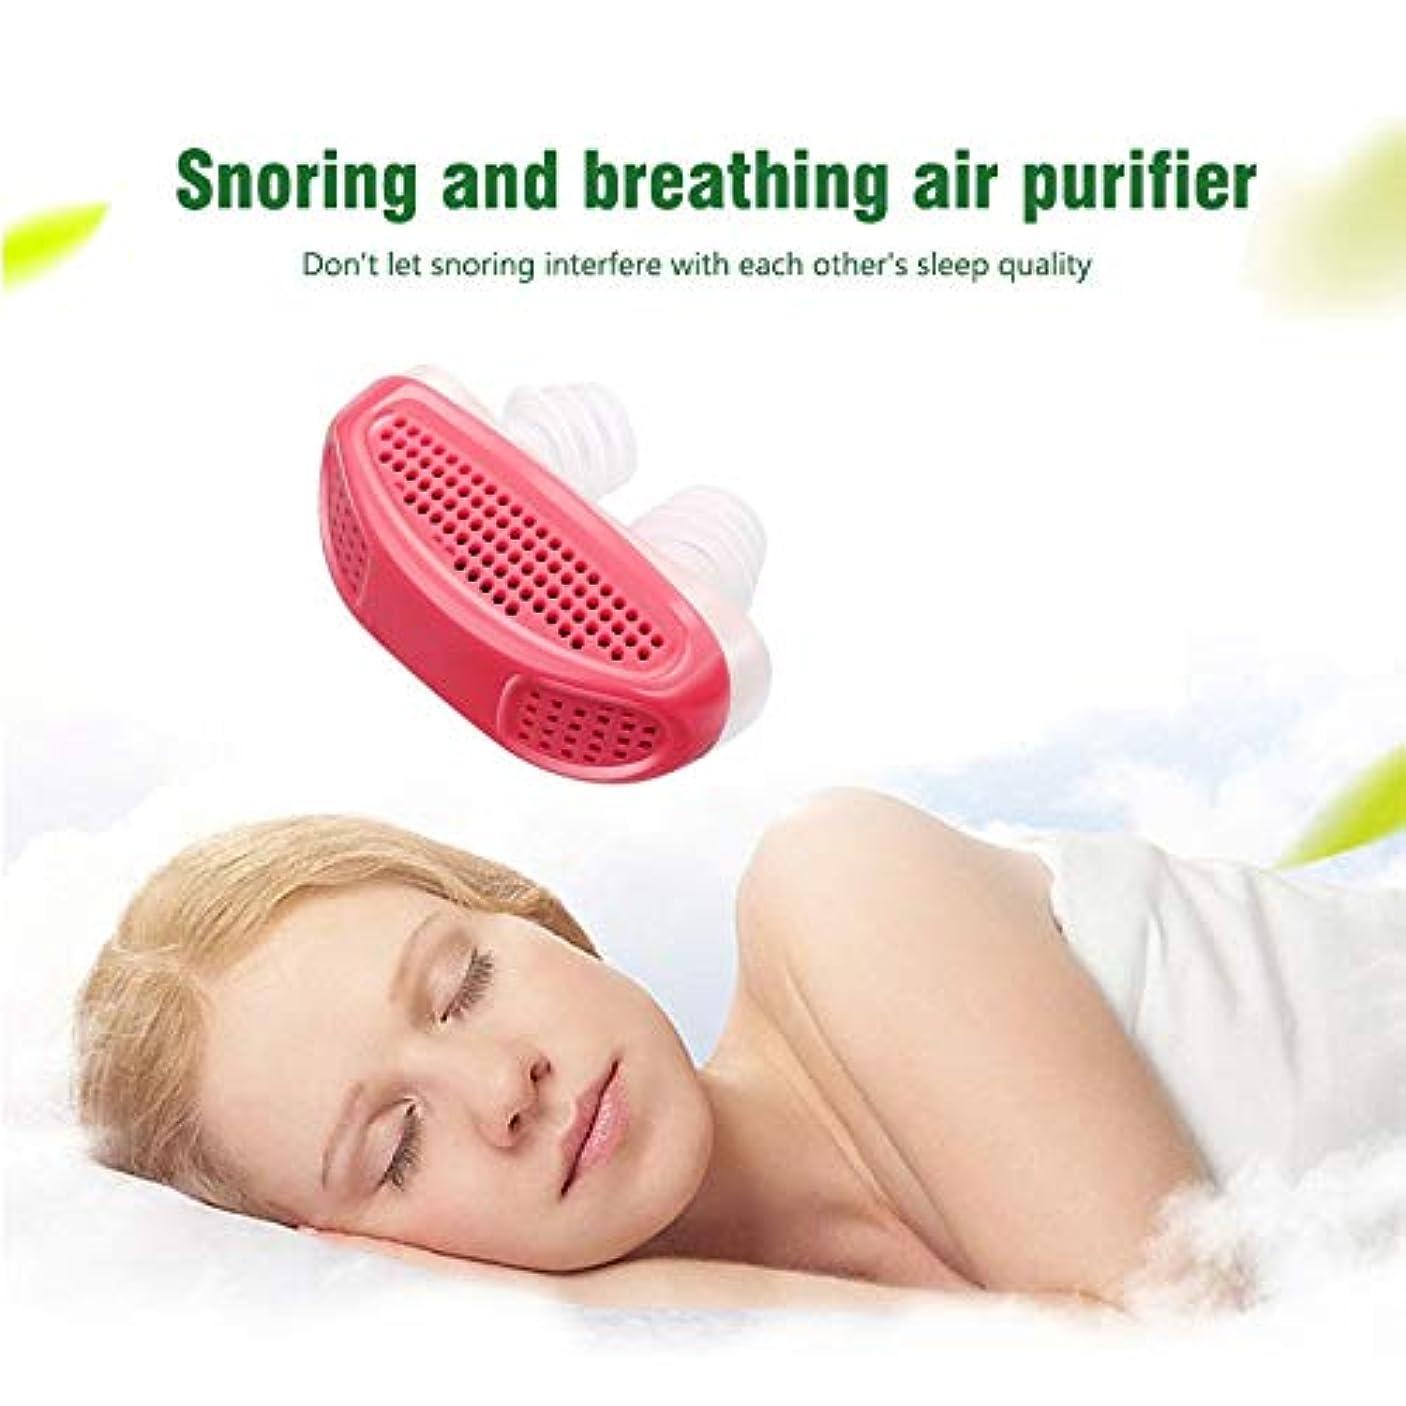 詐欺師パースごちそうNOTE シリコーン抗いびき鼻拡張器無呼吸補助器具鼻クリップ鼻呼吸装置停止いびき器具ドロップシッピング